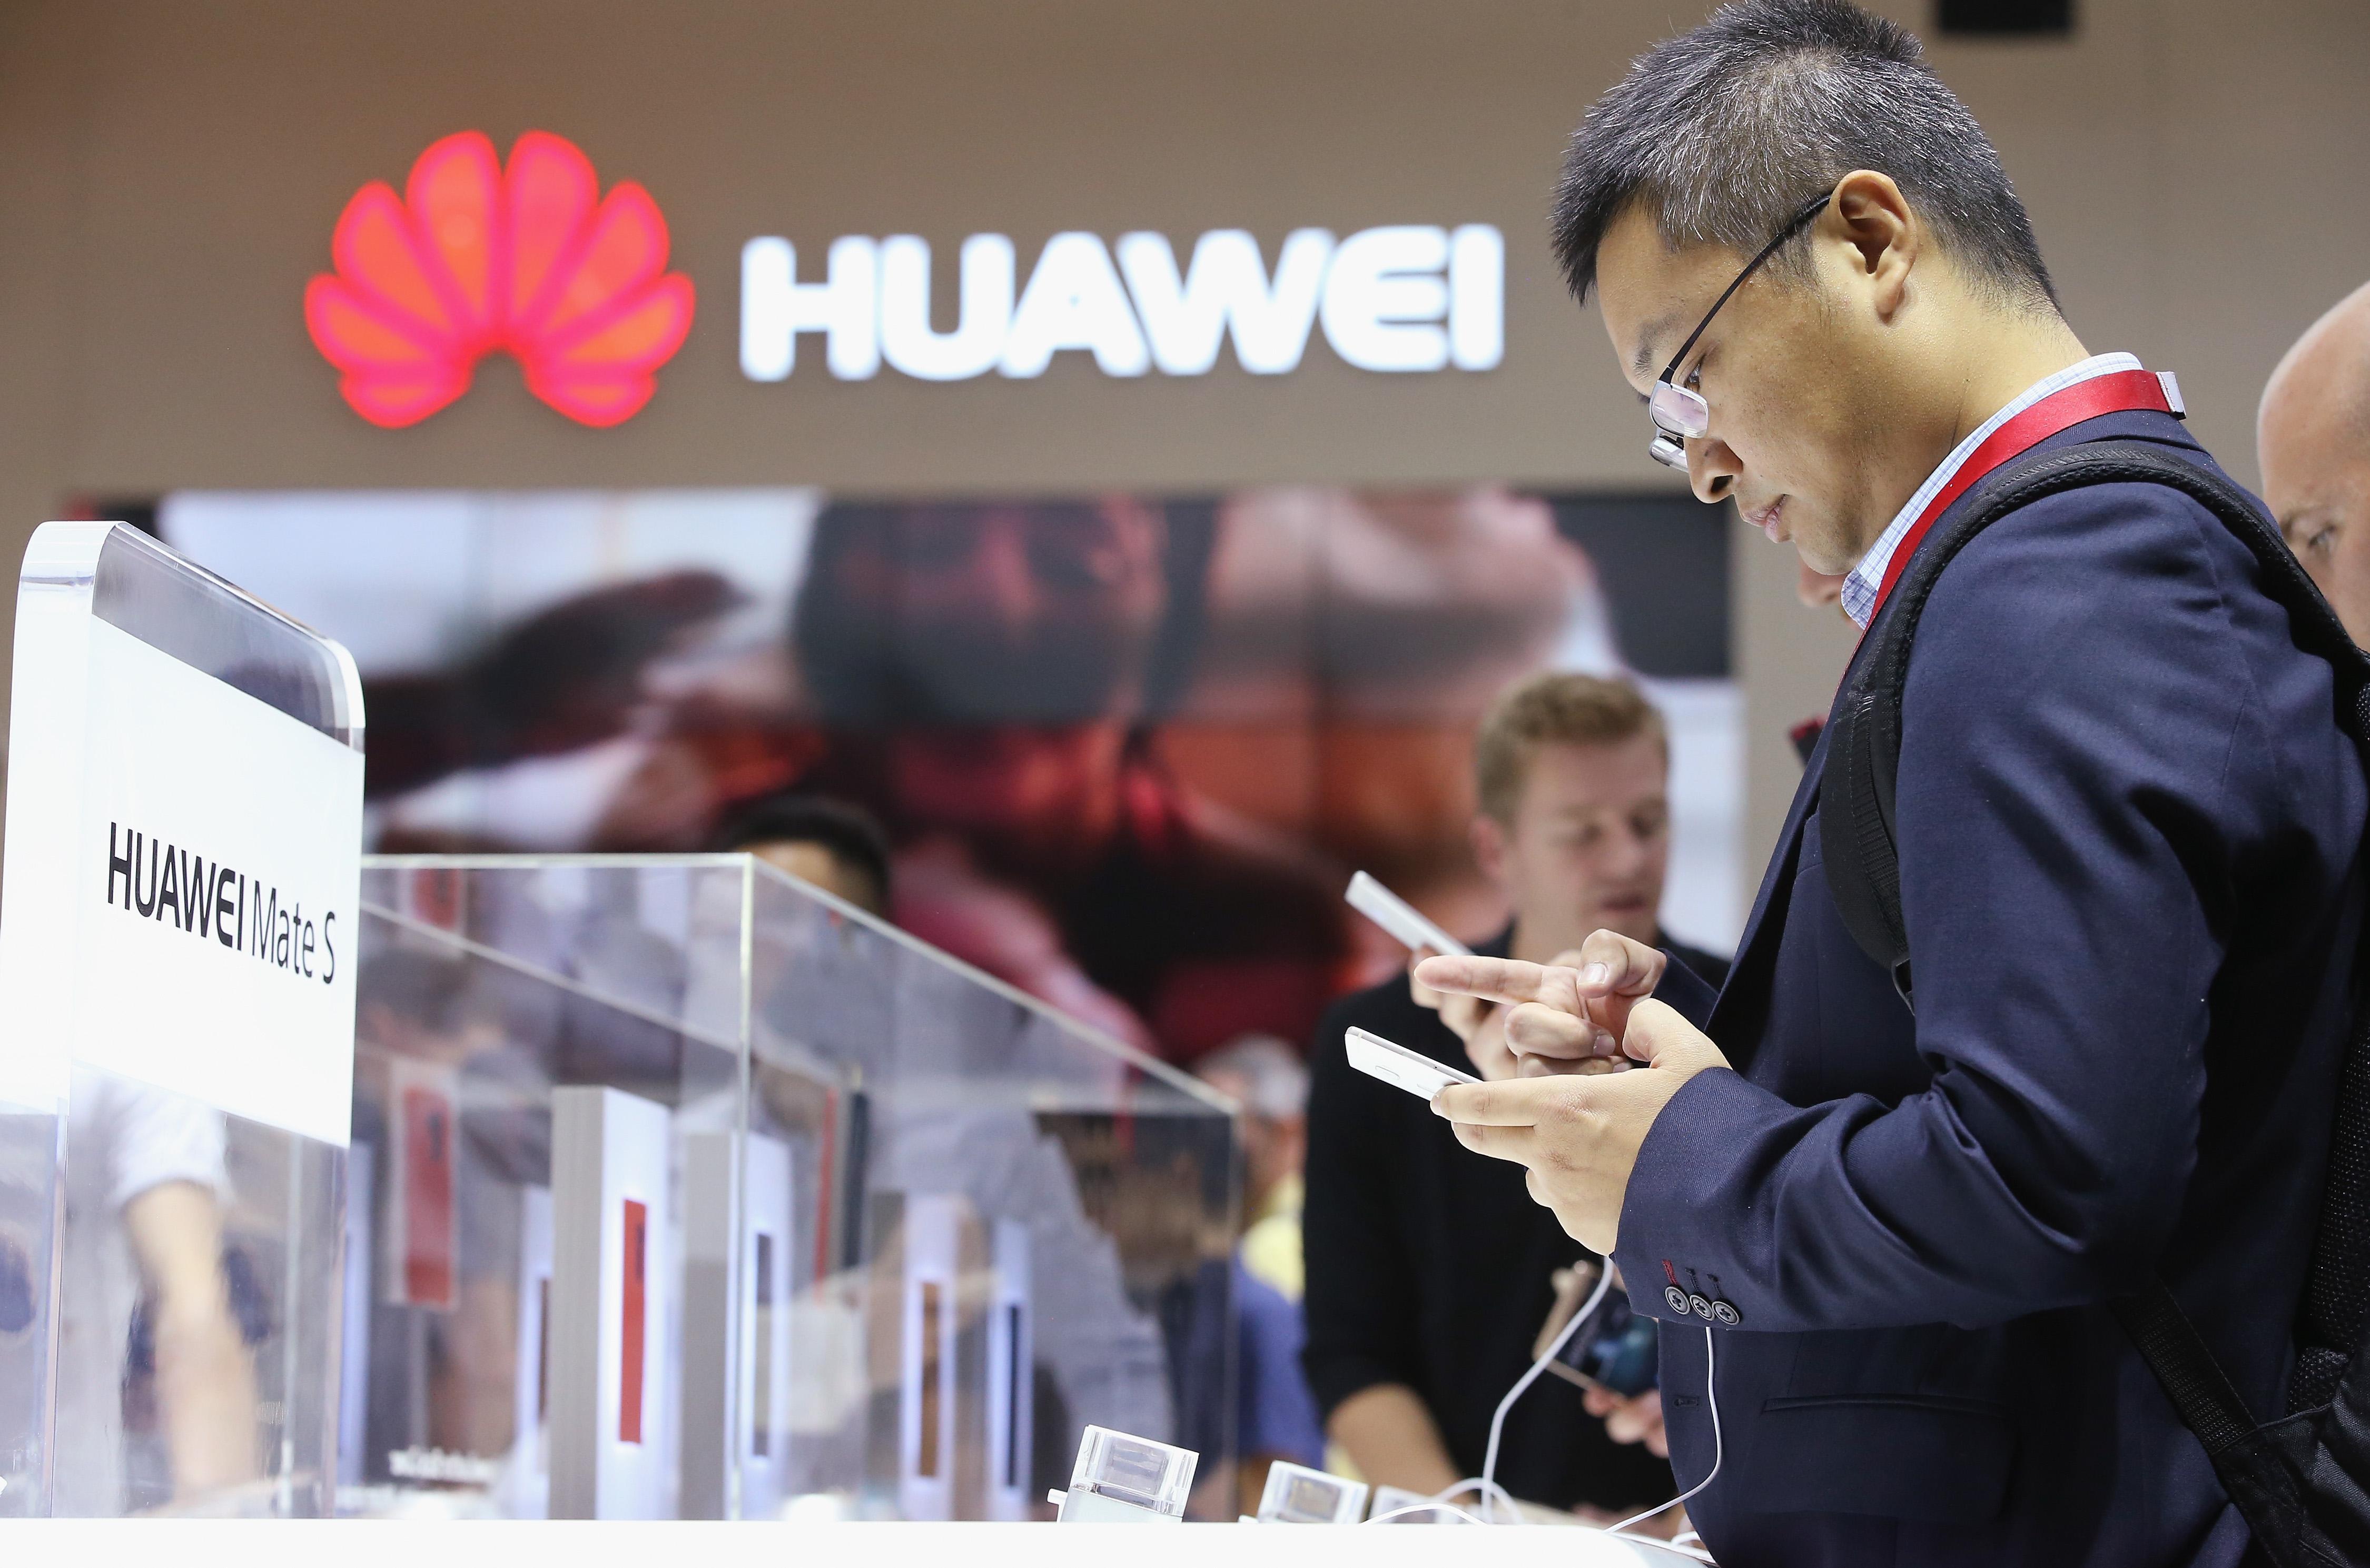 防情報洩漏 傳日本政府將禁用華為中興產品